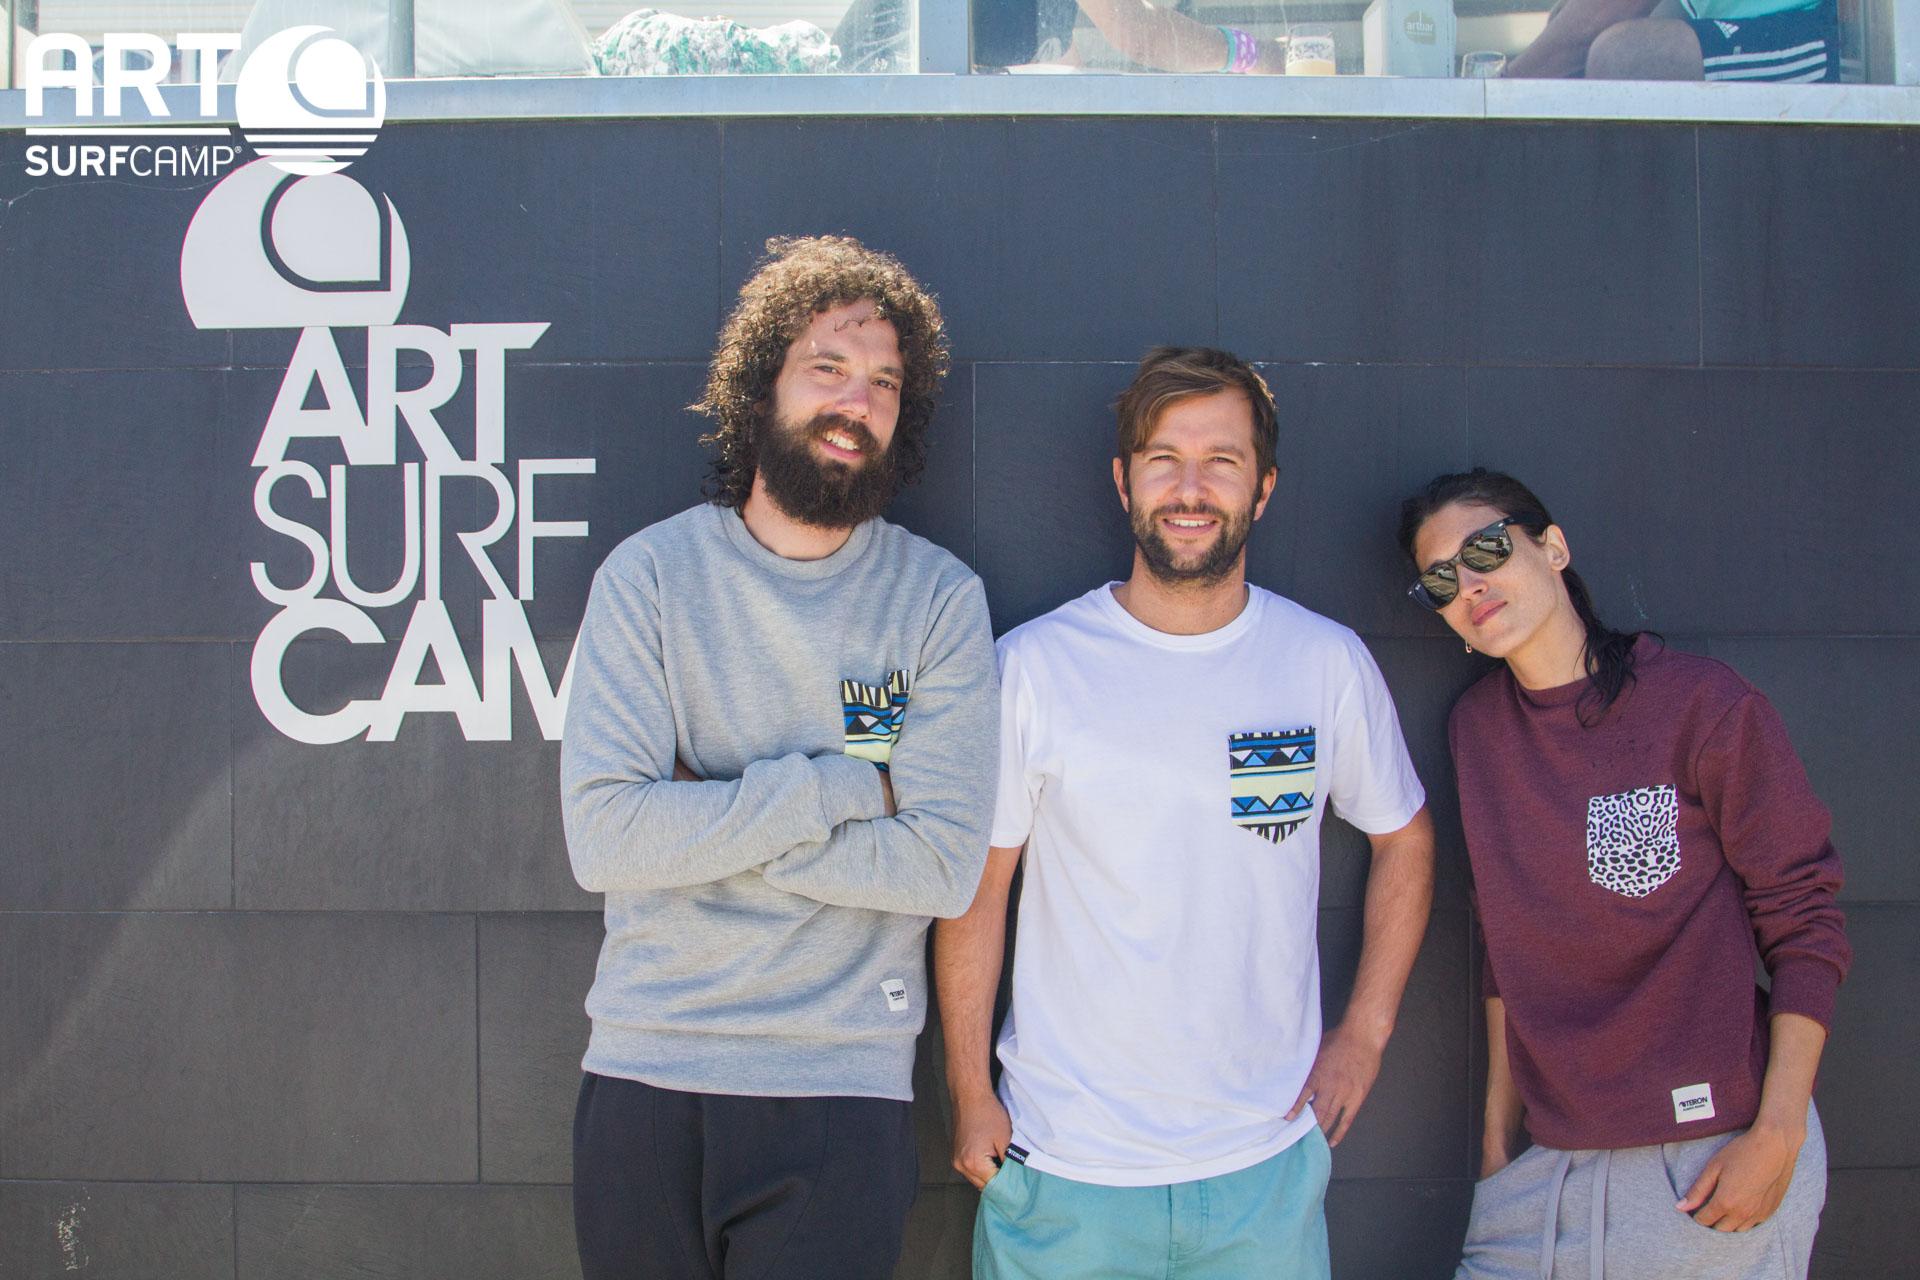 Famosos En Razo: Juan Ibáñez y Nerea Barros Visitan Artsurfcamp